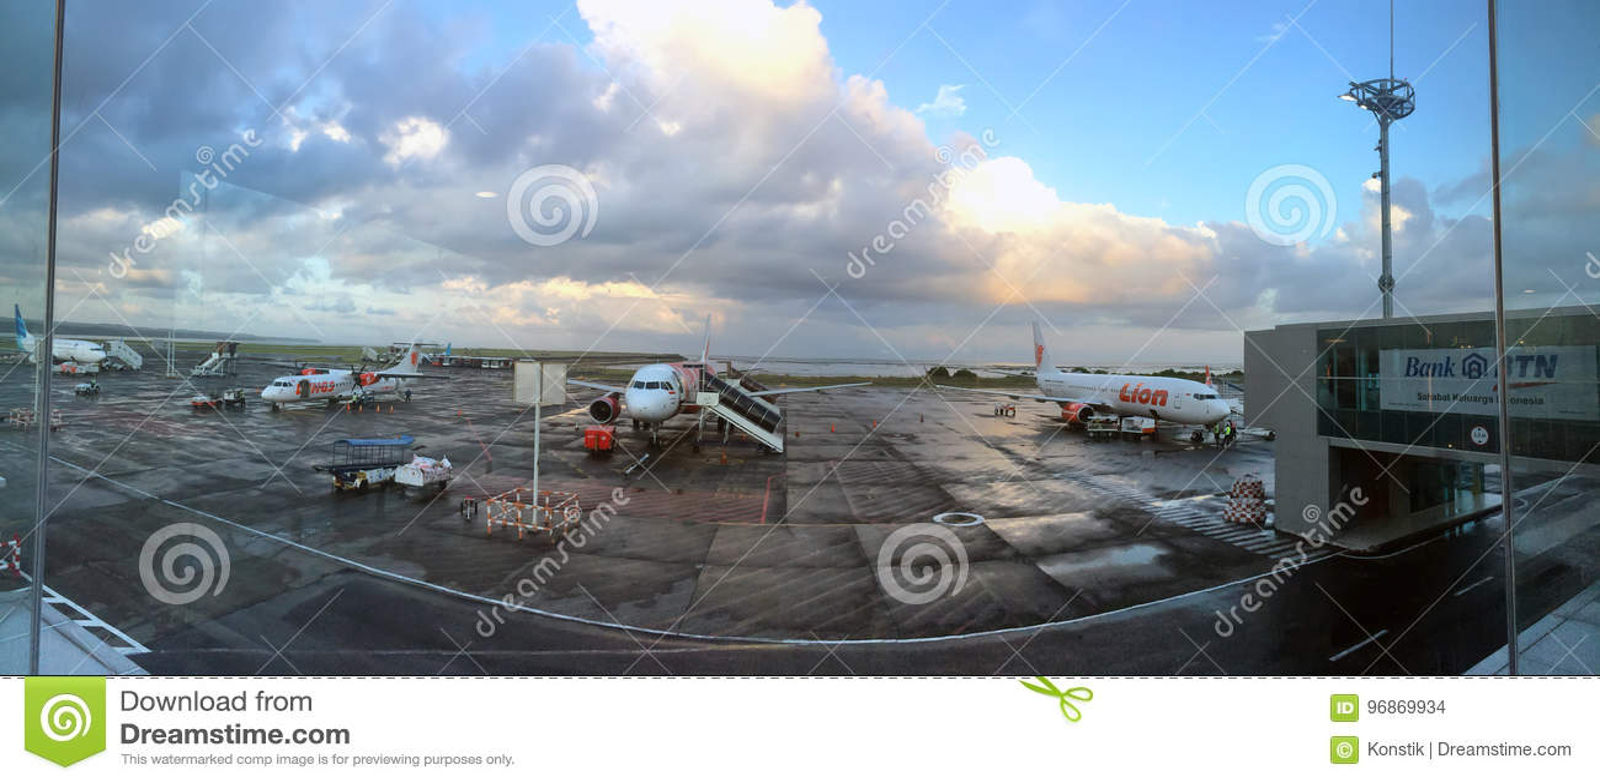 Aeroporto Bali : Bali de outubro de planos no aeroporto denpasar bali